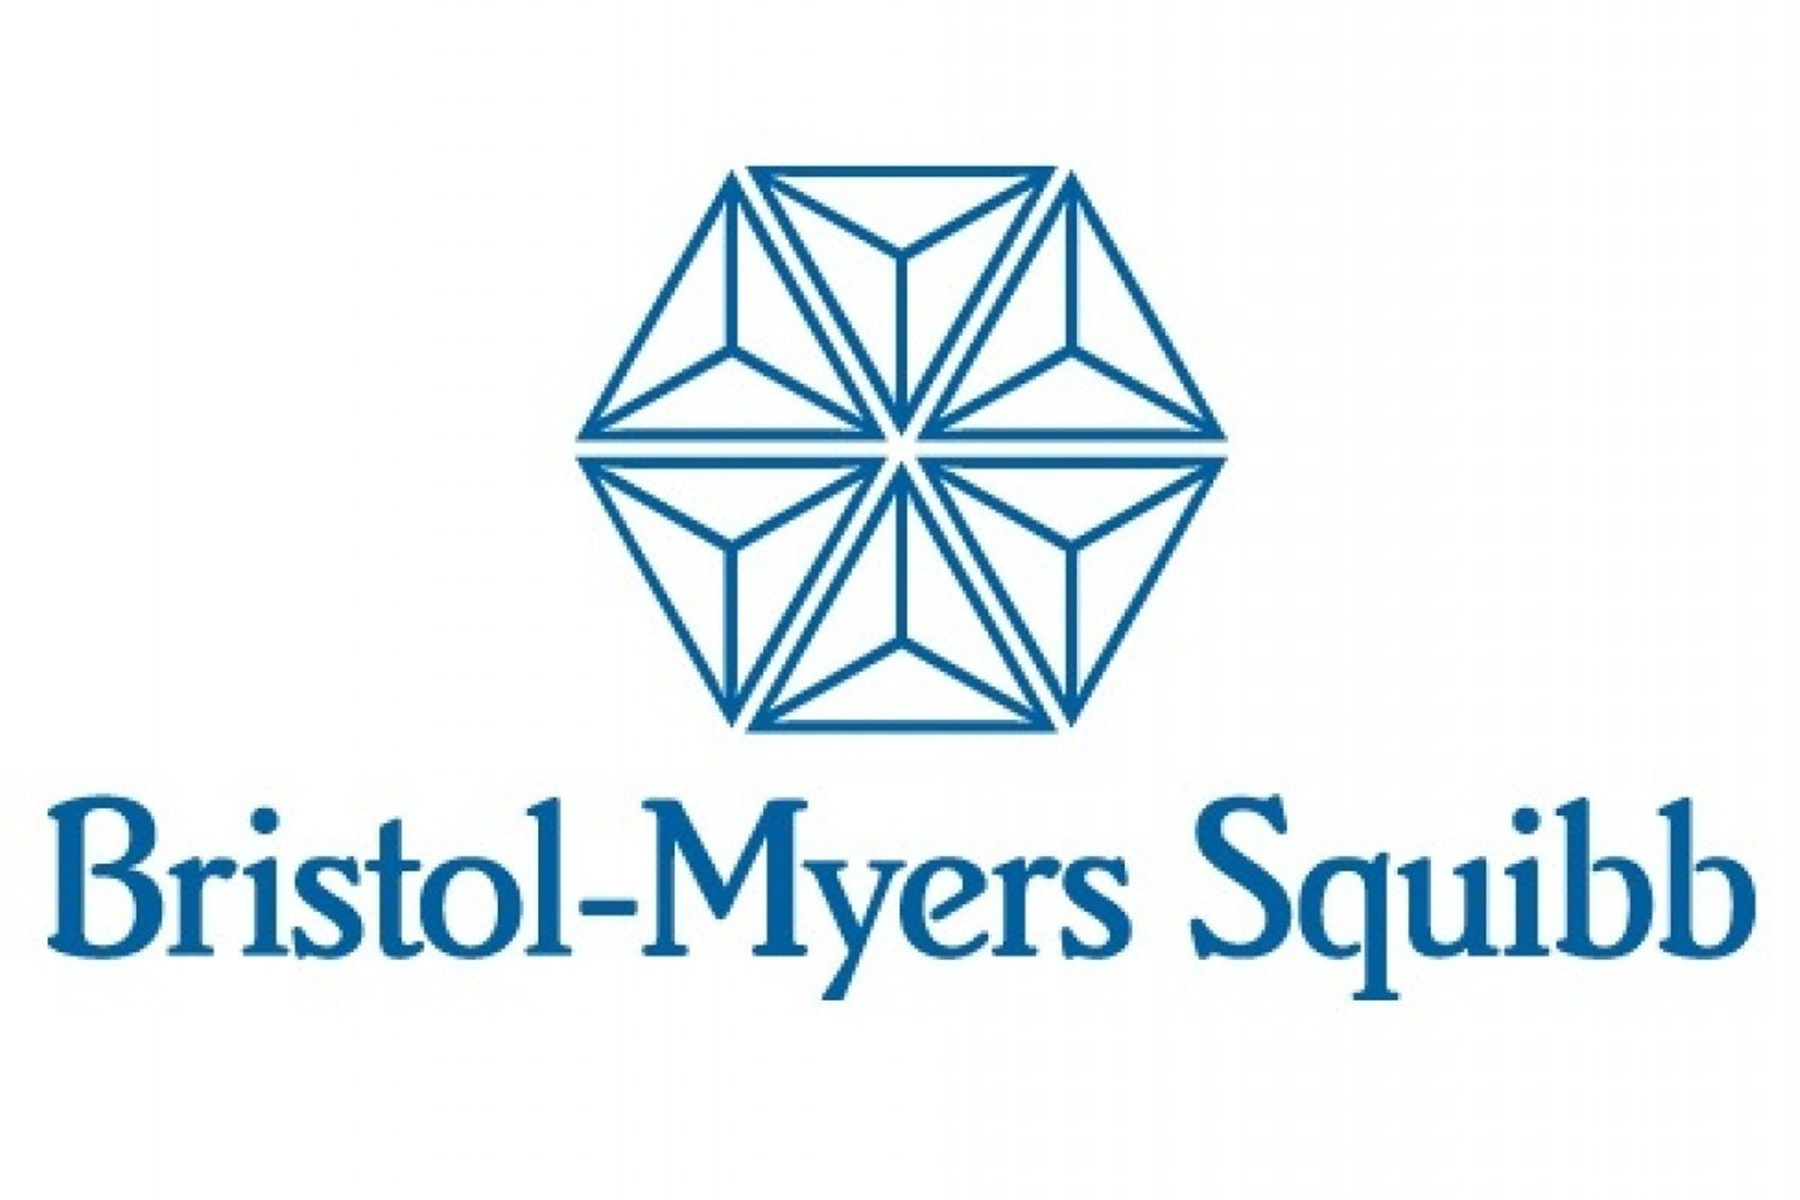 Bristol Myers Squibb : Εγκρίνει θεραπεία για κακοηθές μεσοθηλίωμα του υπεζωκότα